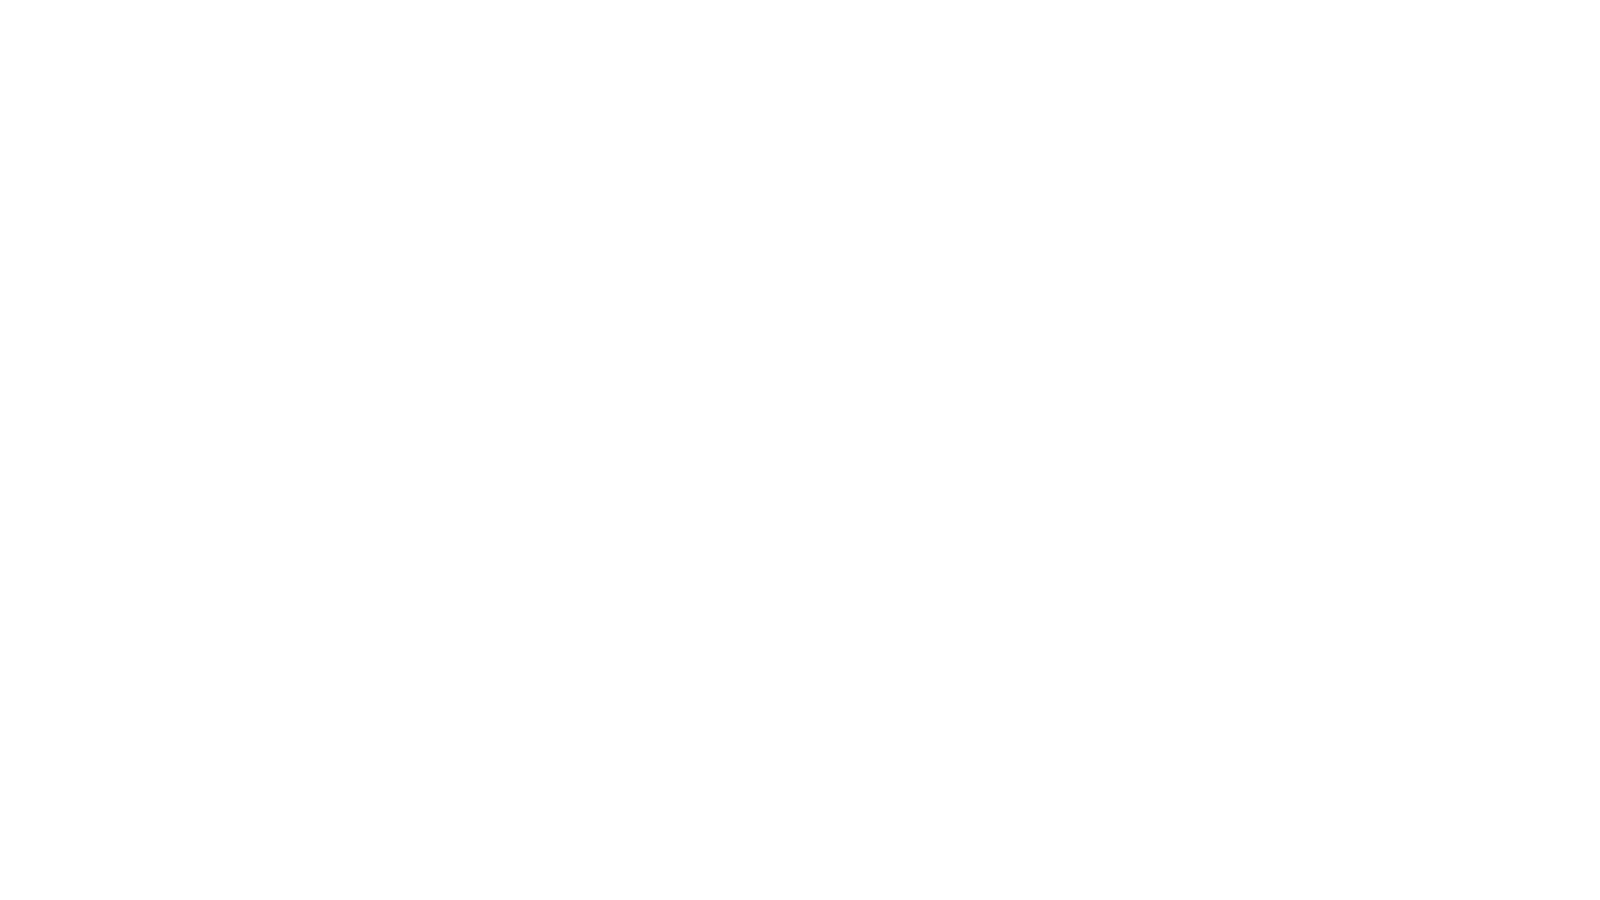 Небольшой ролик о встрече Нового 2021 года в лесах Владимирской области. Подробнее: https://cityescape.ru/novyj-god-v-lesu/ Автор ролика: https://vk.com/tigr_xp